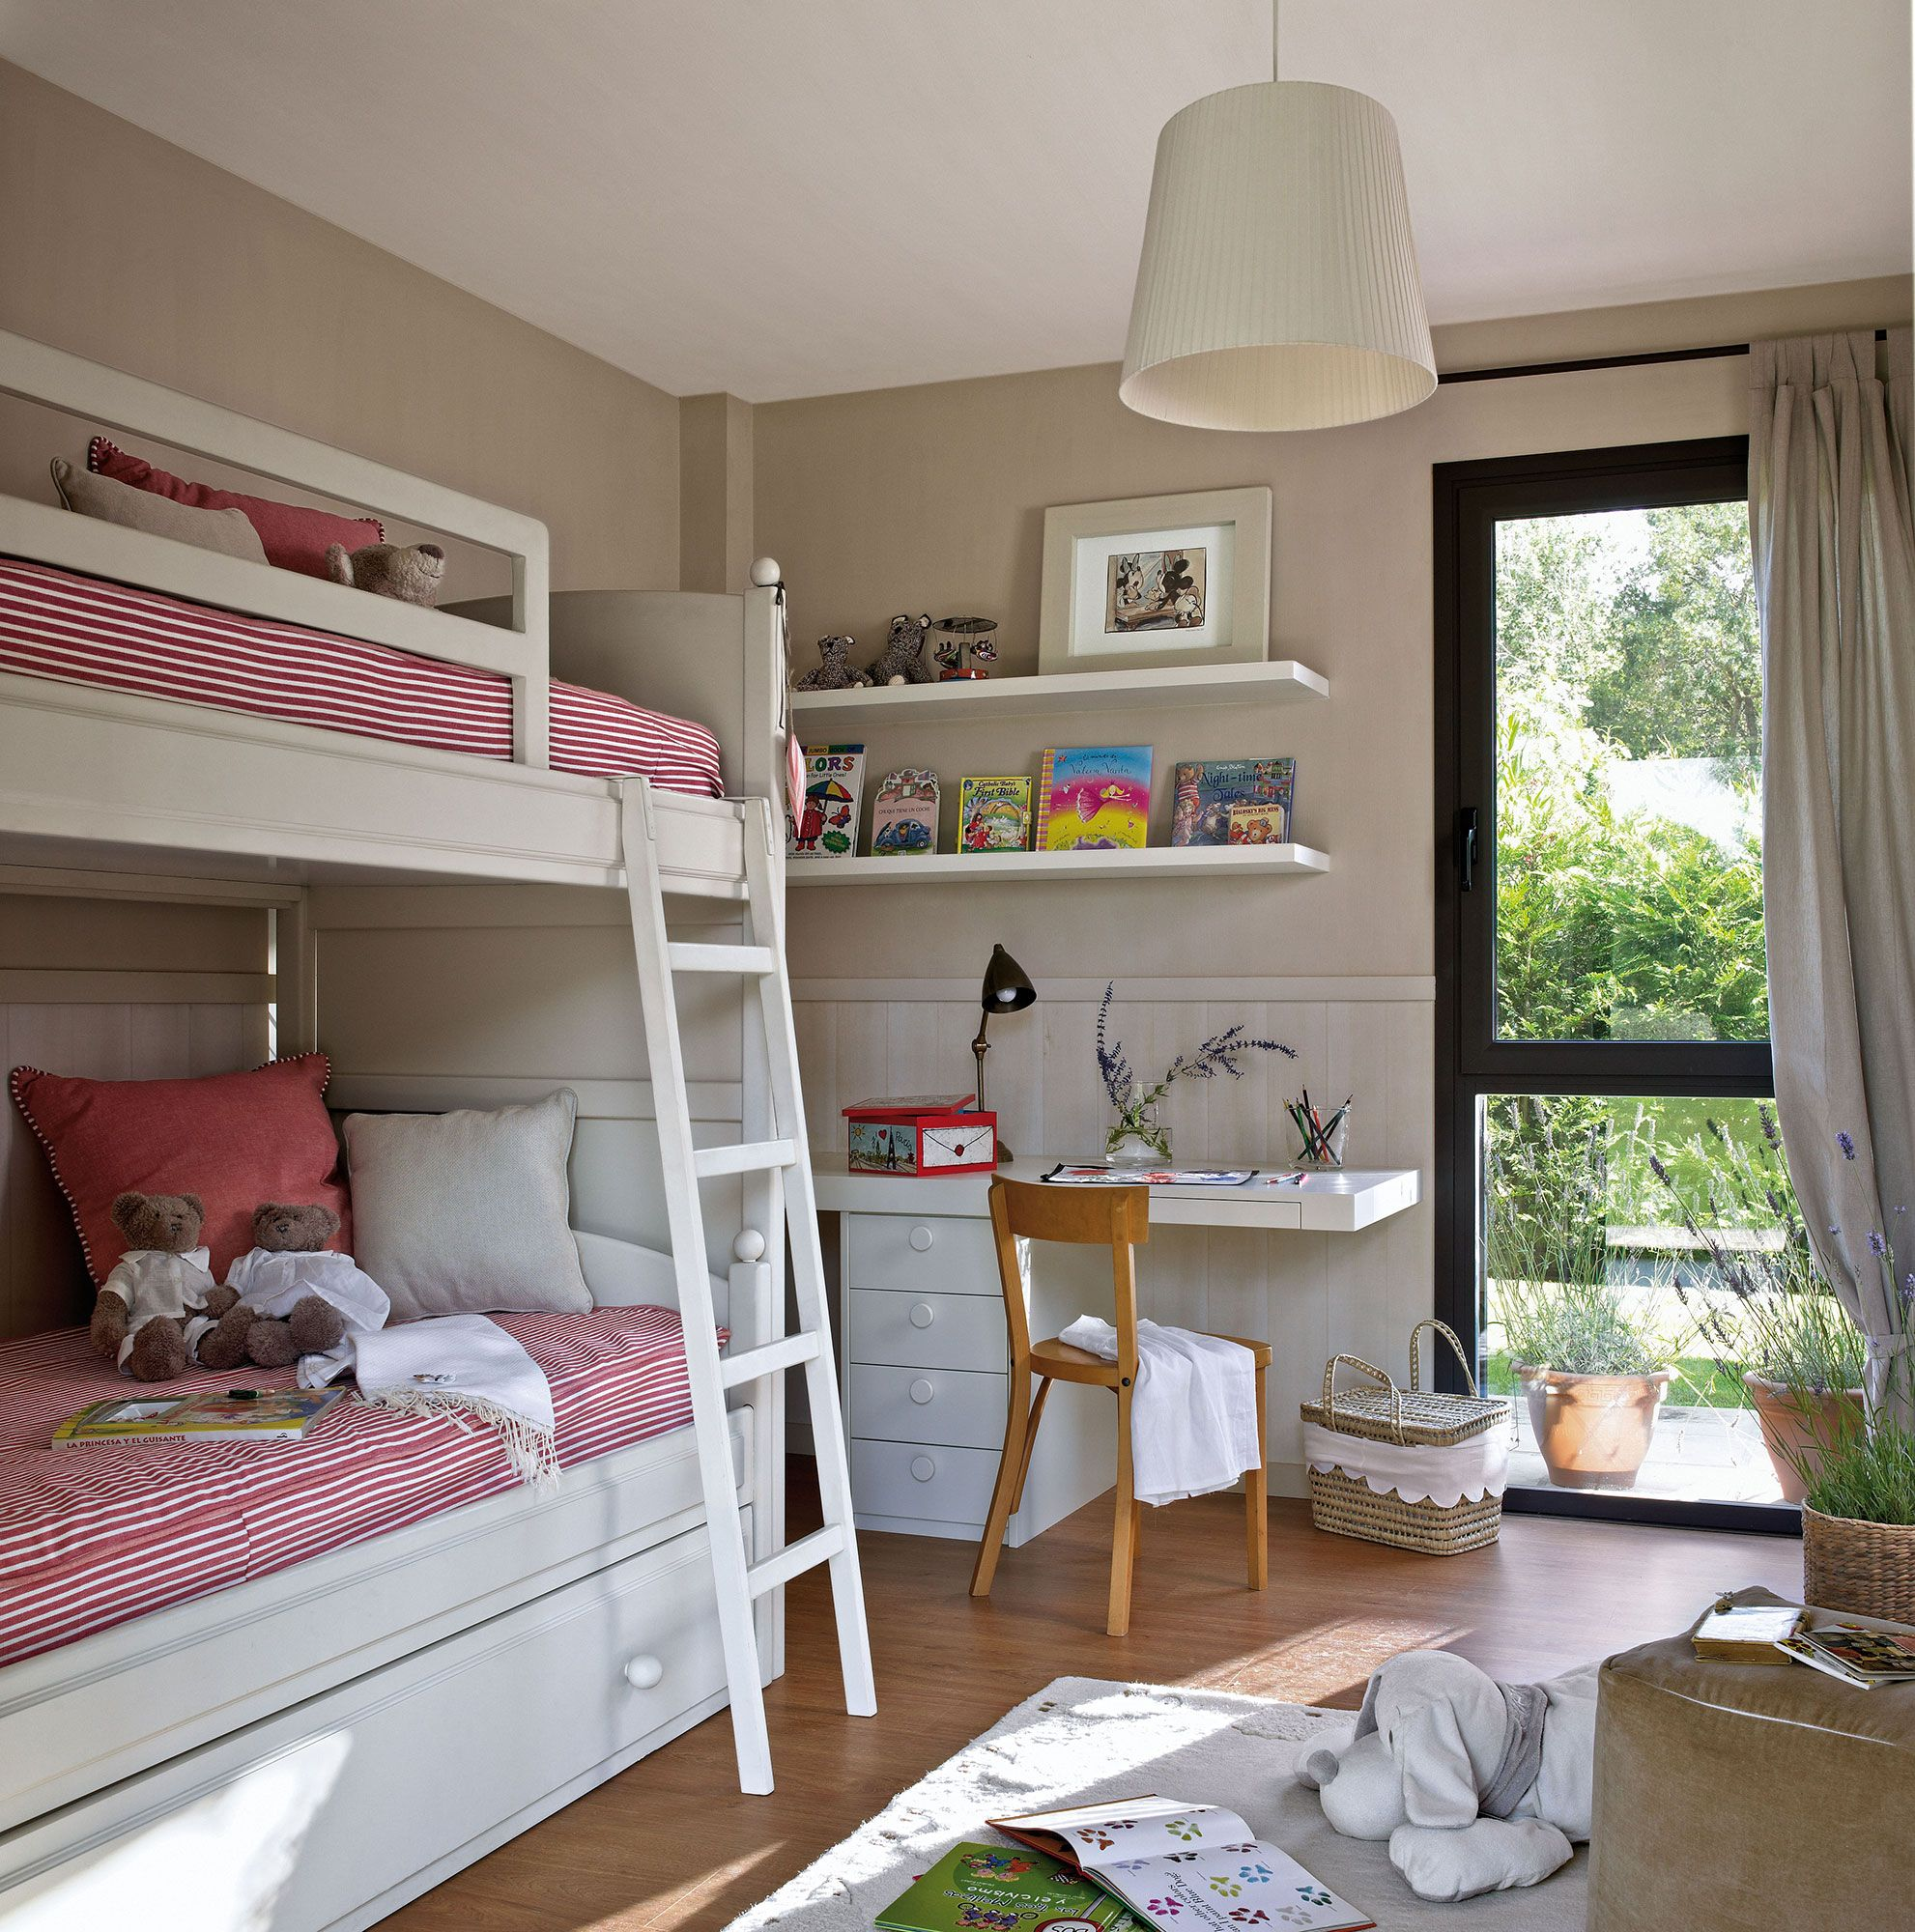 Habitaci n infantil con una litera kid 39 s room for Habitacion con litera